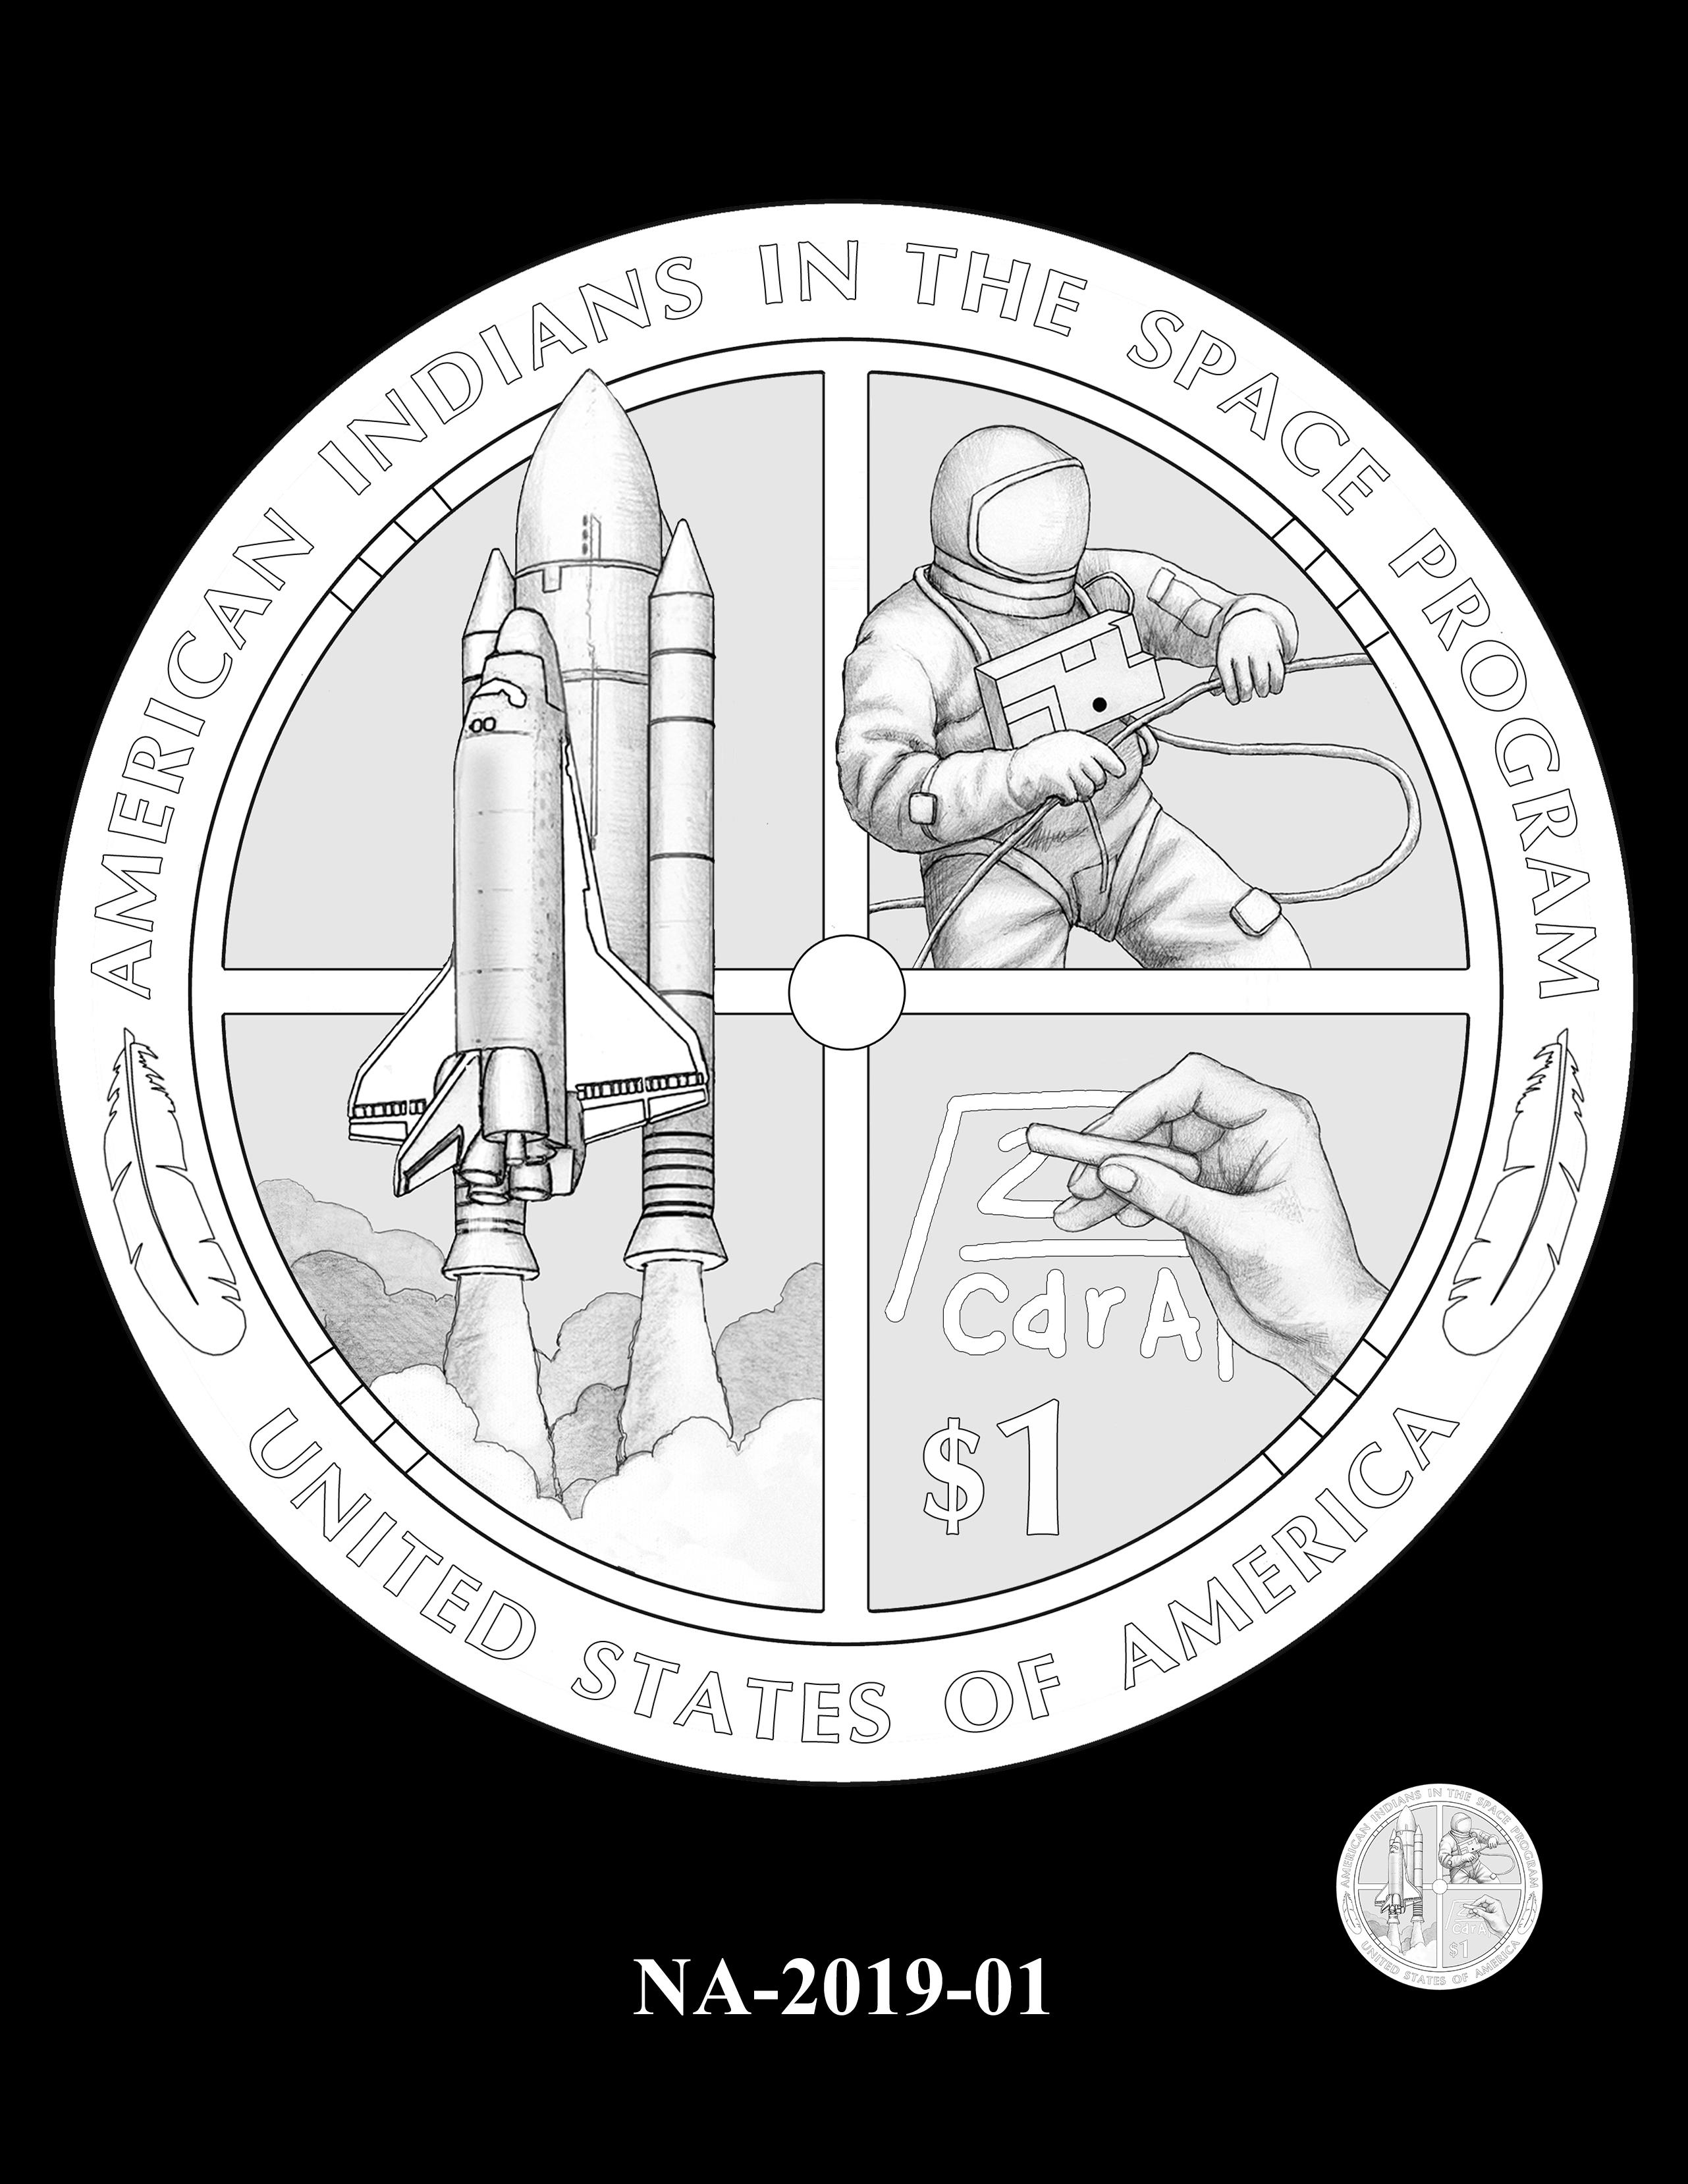 NA-2019-01 --2019 Native American $1 Coin